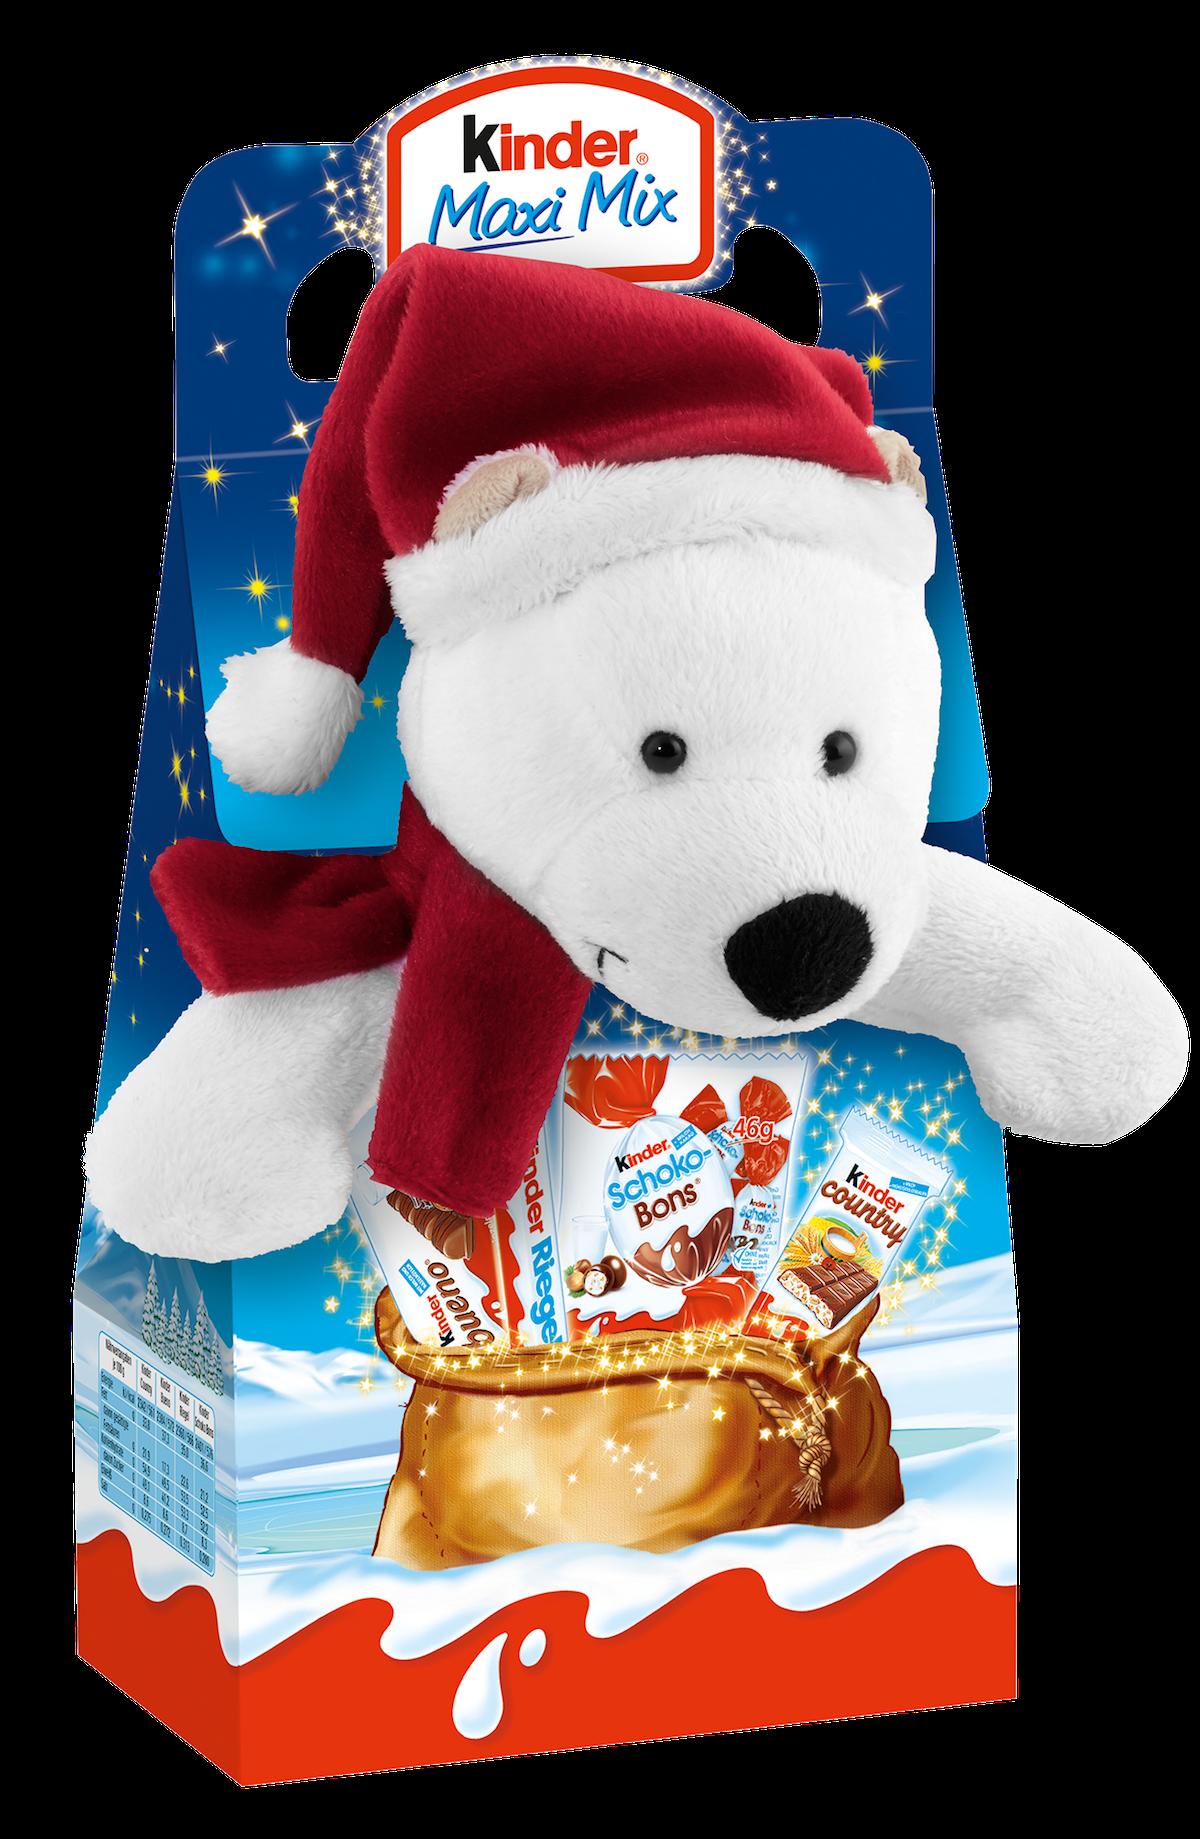 Čokoláda Kinder s plyšovou hračkou